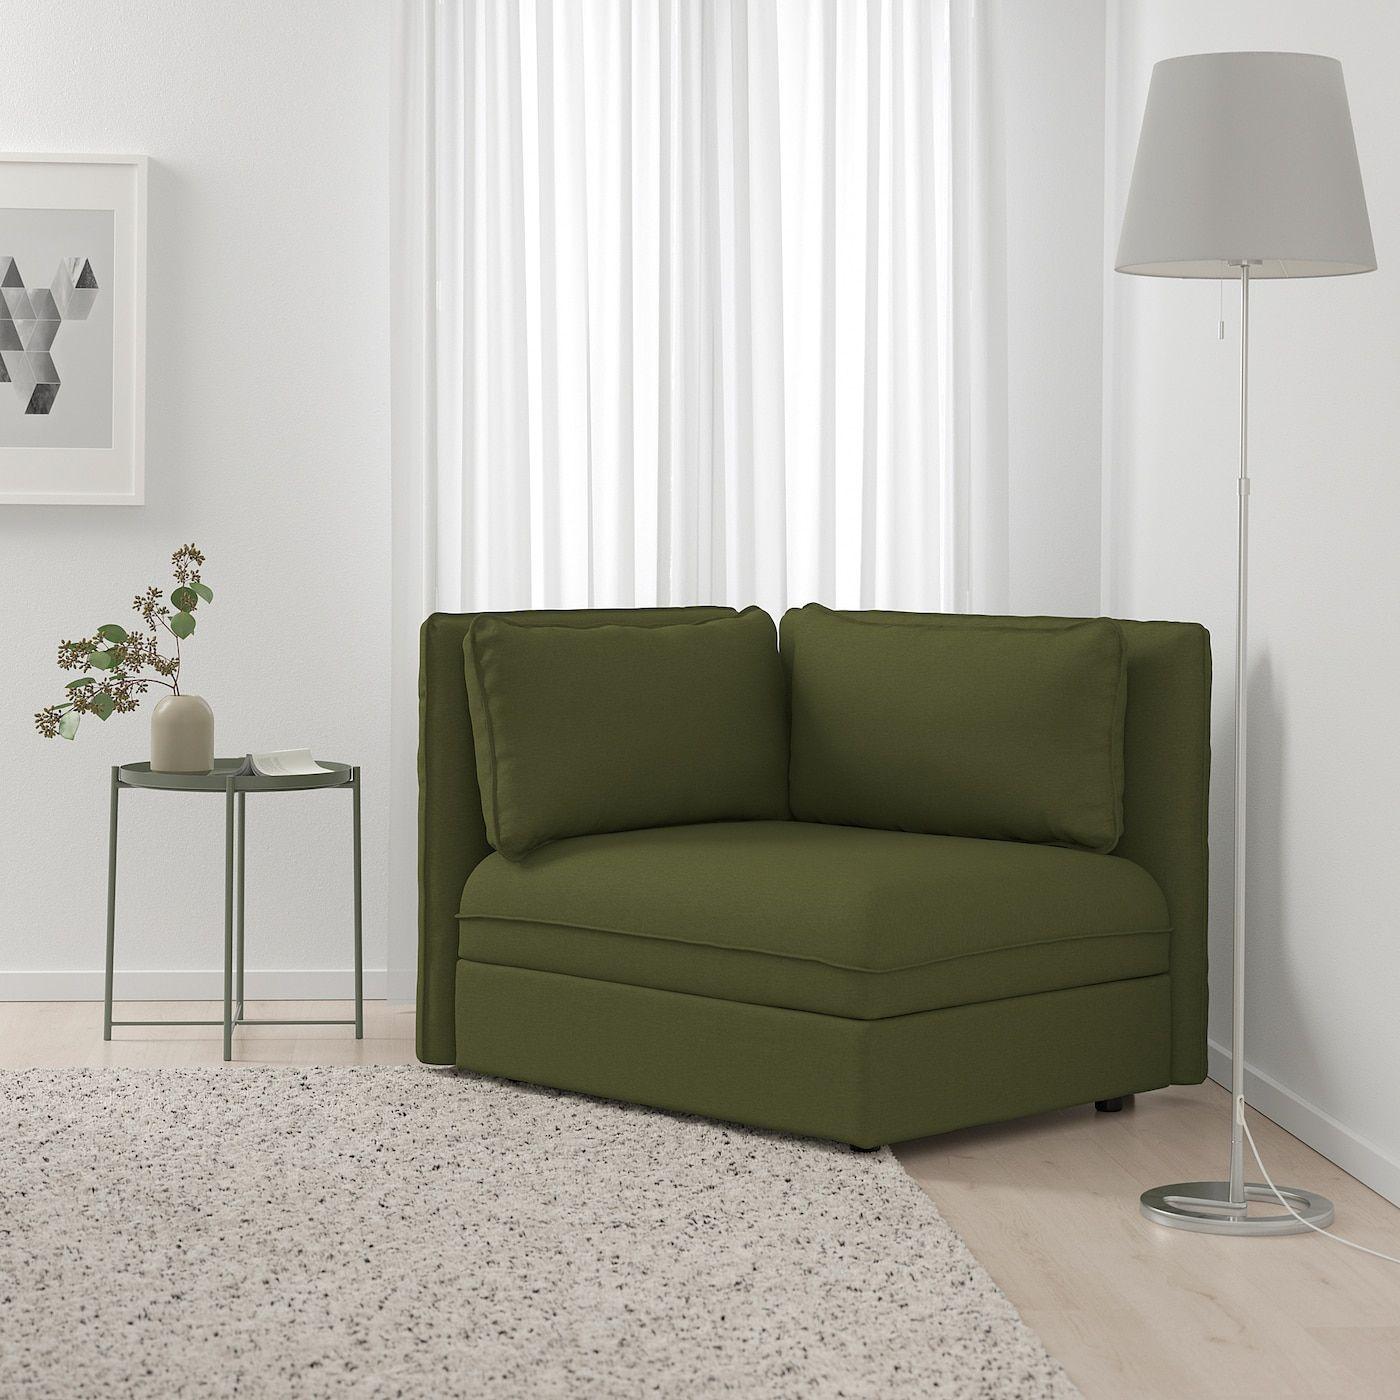 Ikea Vallentuna Sectional 1 Seat Orrsta Olive Green Ikea Sofa Flexible Furniture